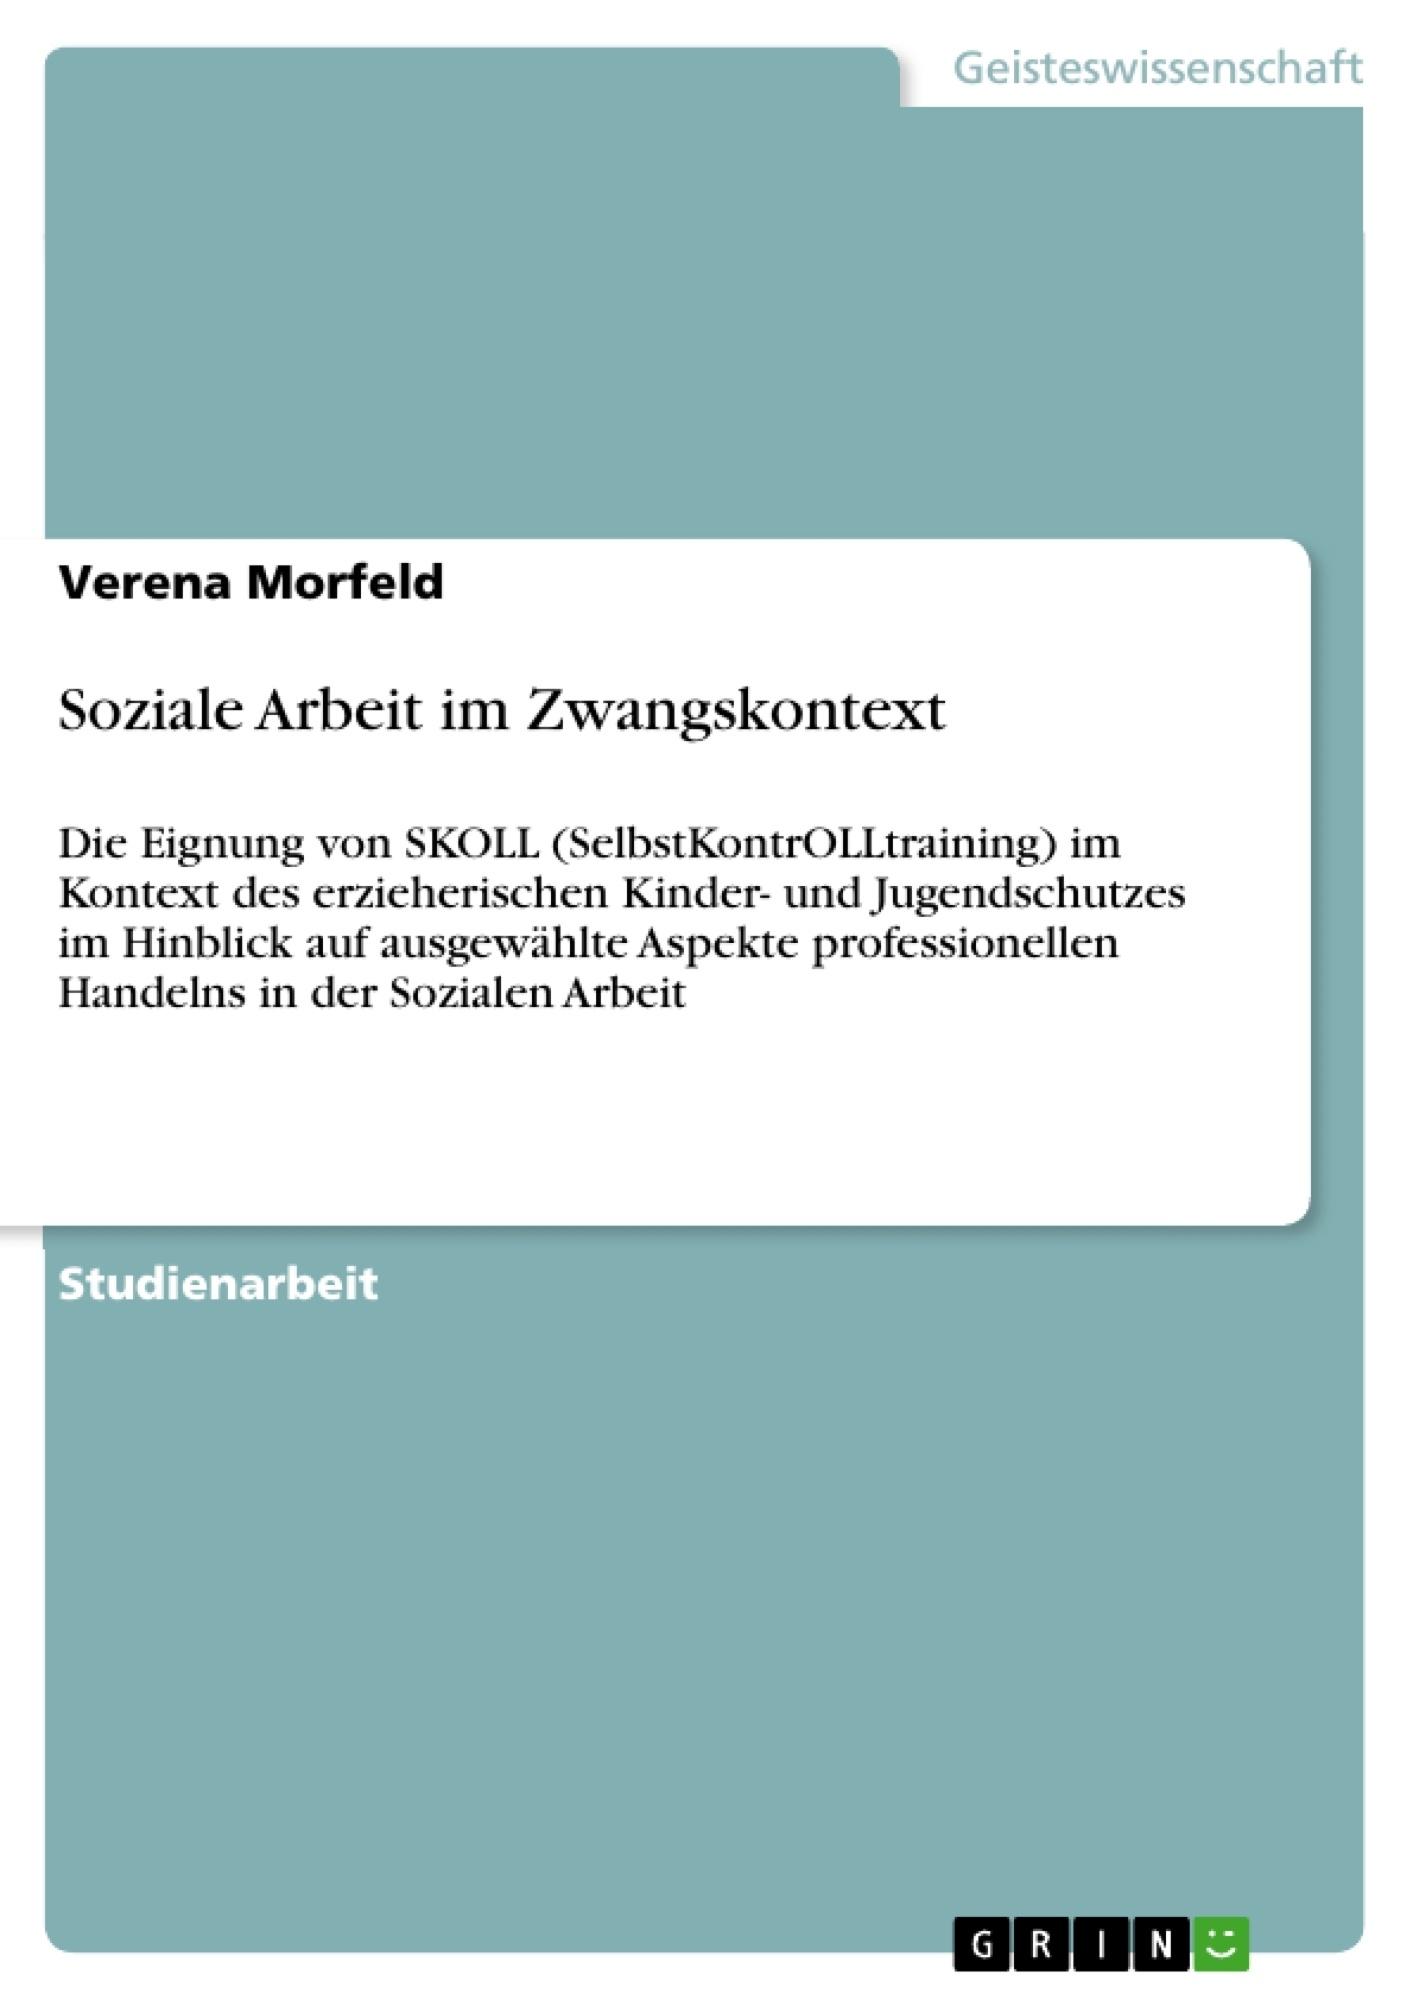 Titel: Soziale Arbeit im Zwangskontext